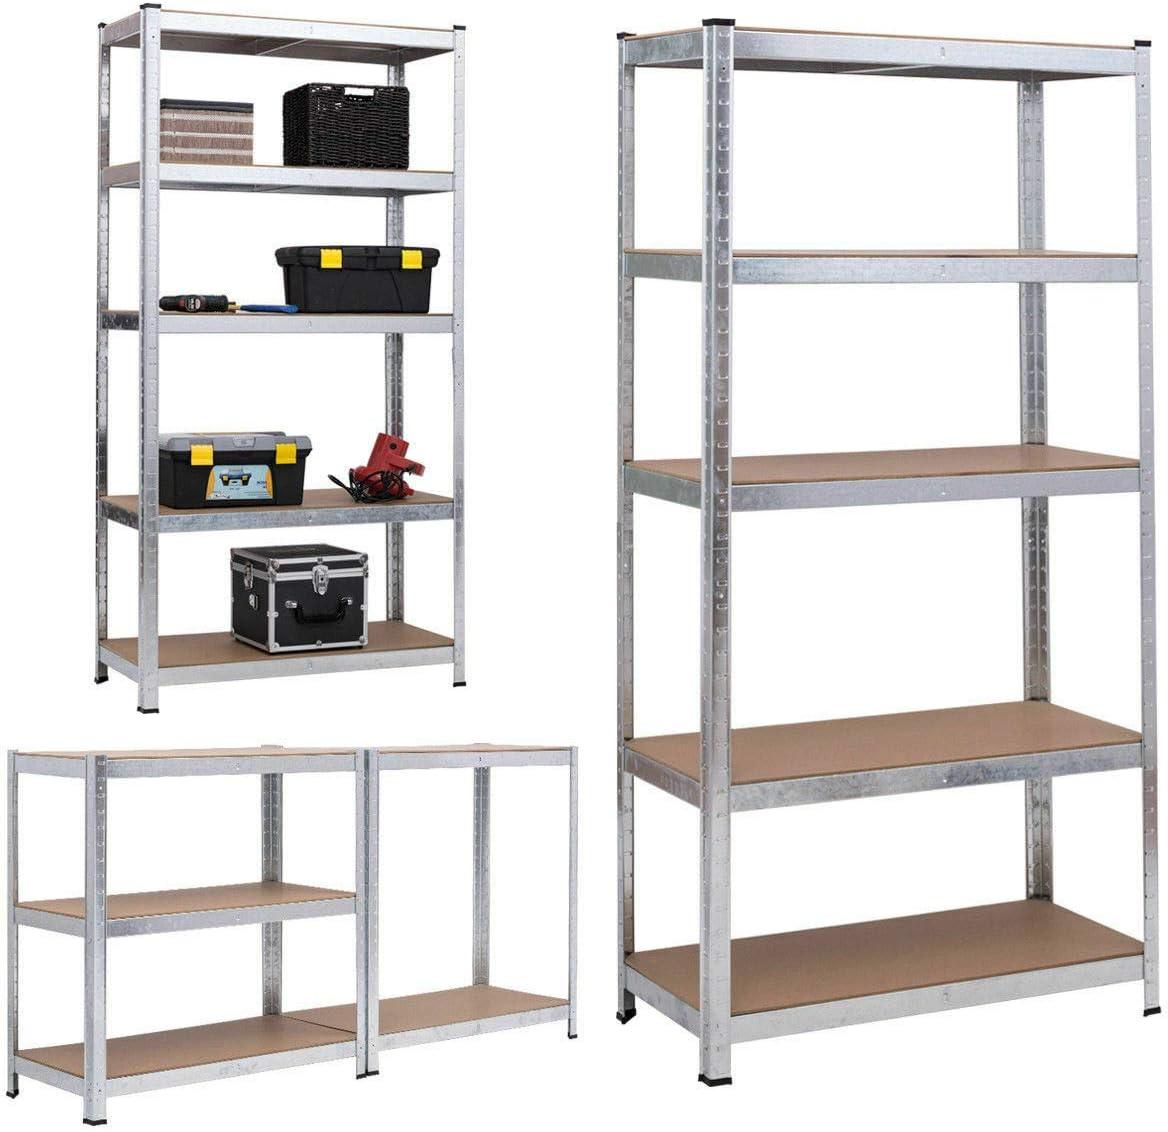 Lagerregal Garage Metallregal 200x100x50cm Schwerlastregal max Blau mit 875 kg belastbar Einstellbar Kellerregal Steckregal